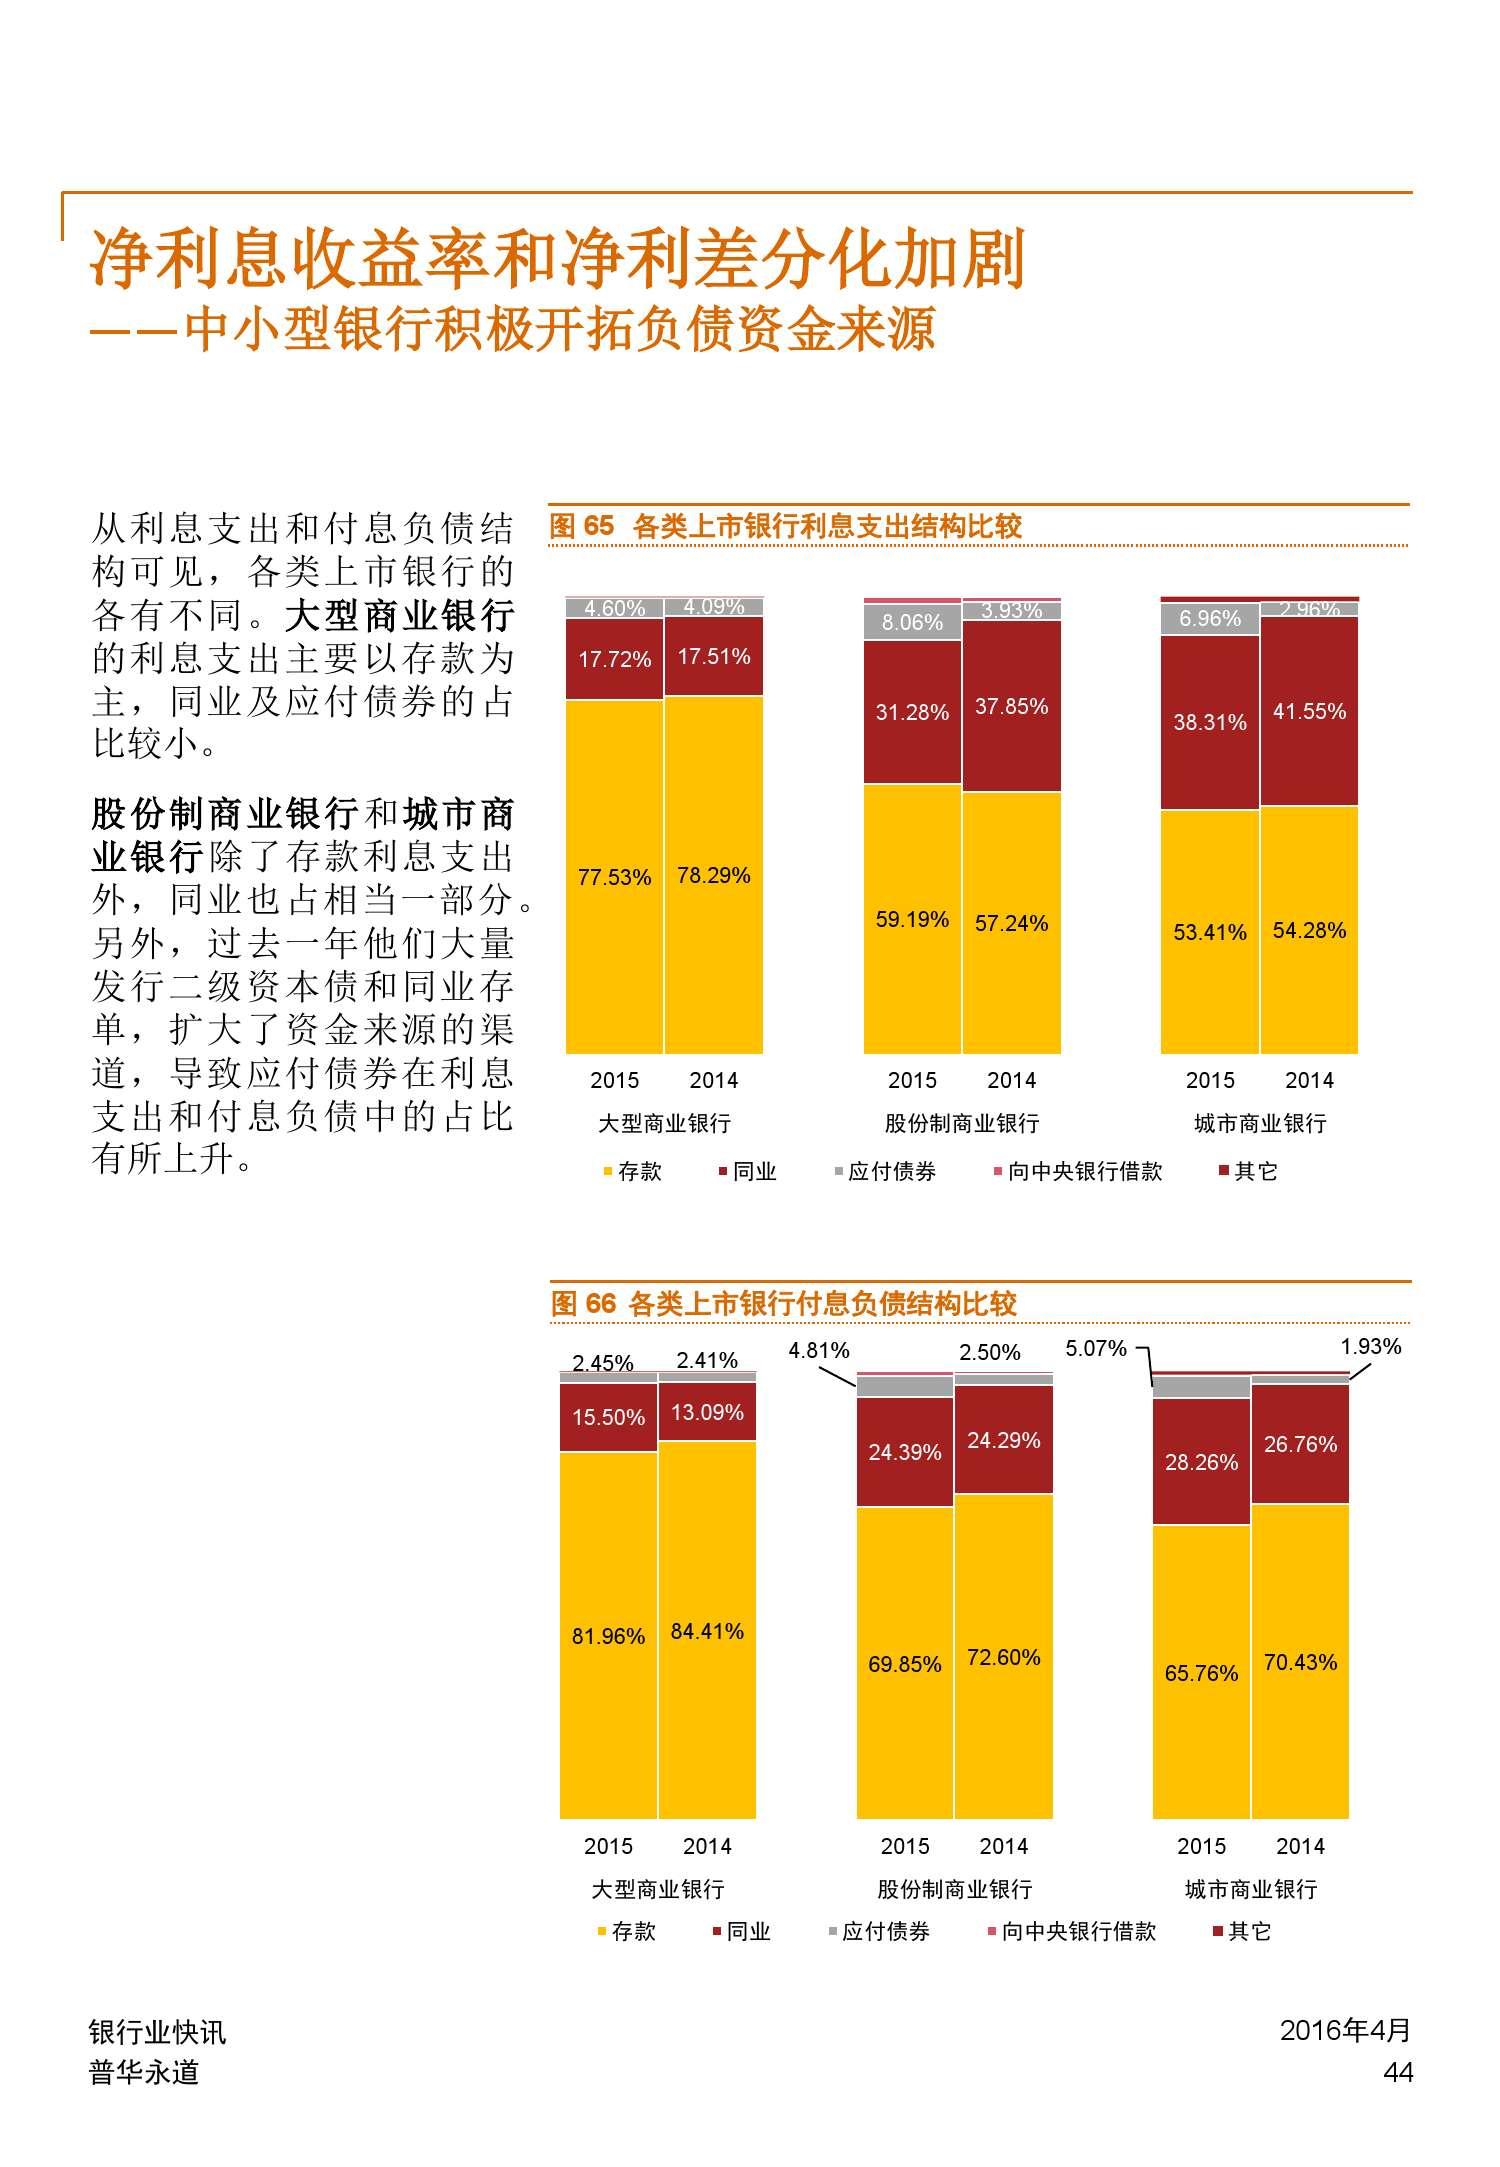 普华永道:2015年中国银行业回顾与展望_000044